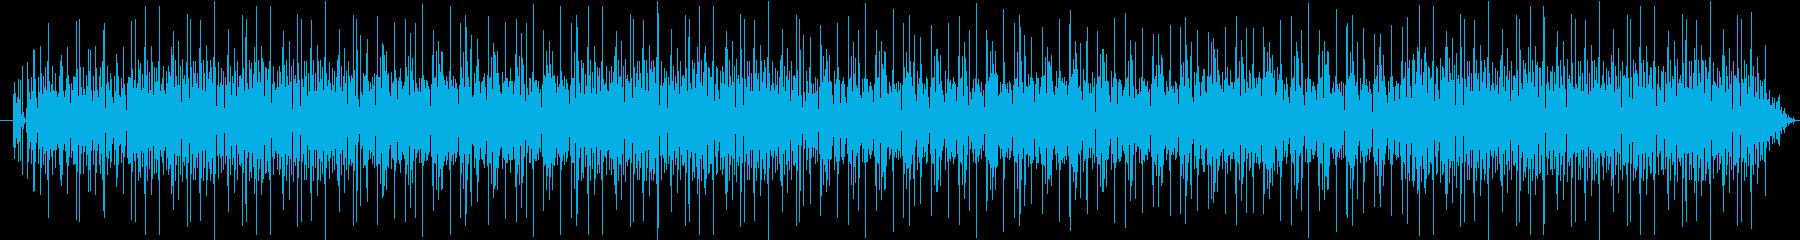 ゆったりとしたラフなレゲエの再生済みの波形